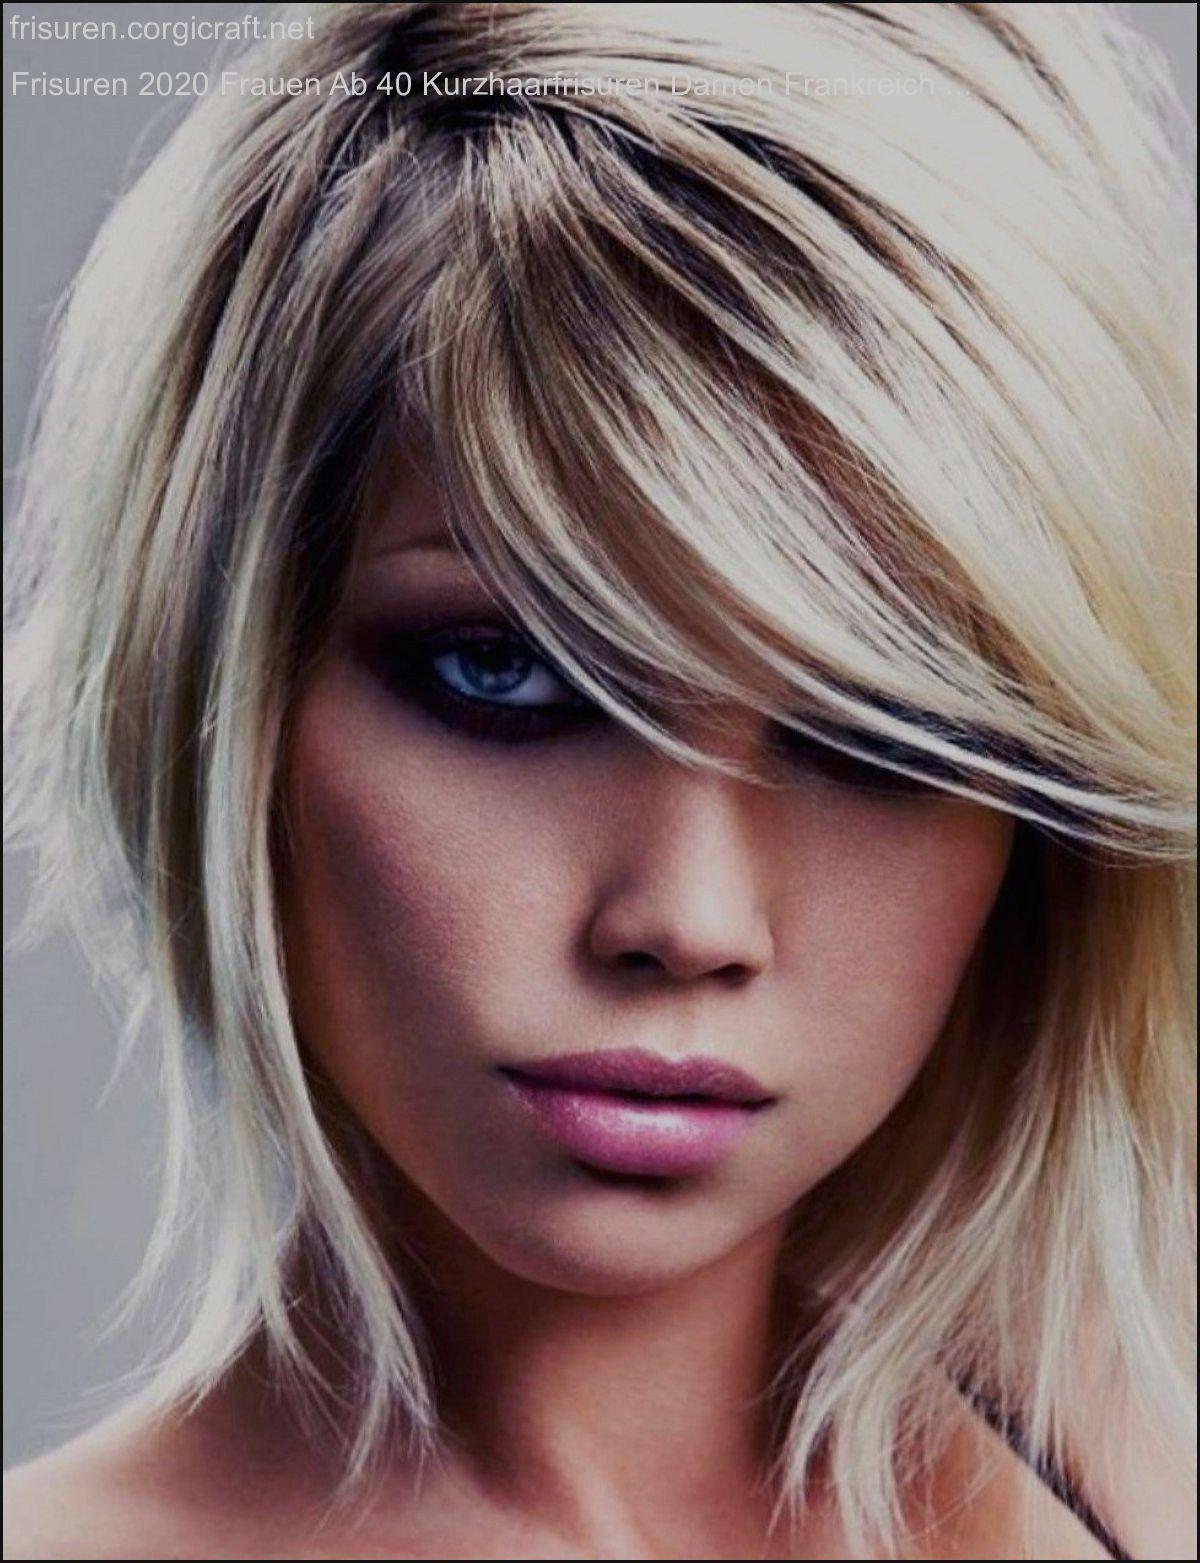 Frisuren 2020 Frauen Ab 40 Kurzhaarfrisuren Damen Frankreich Frisuren Corgicra Kurzer Stufiger Haarschnitt Kurzhaarfrisuren Frisur Vorne Kurz Hinten Lang